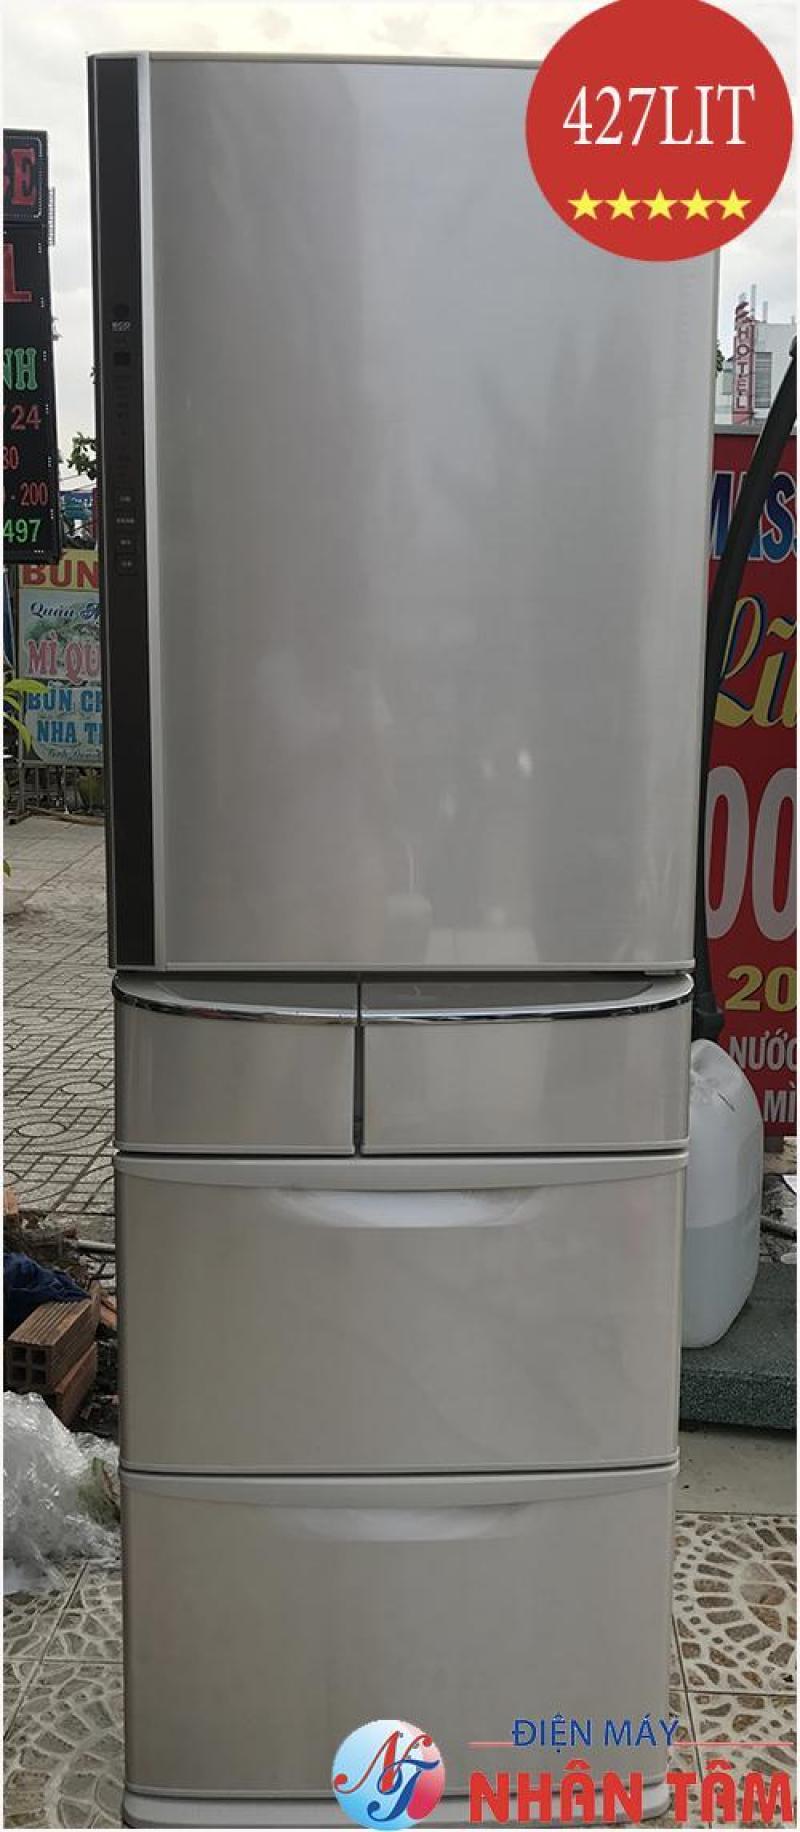 Tủ lạnh nội địa Nhật PANASONIC NR-E434T,econavy,đời 2010